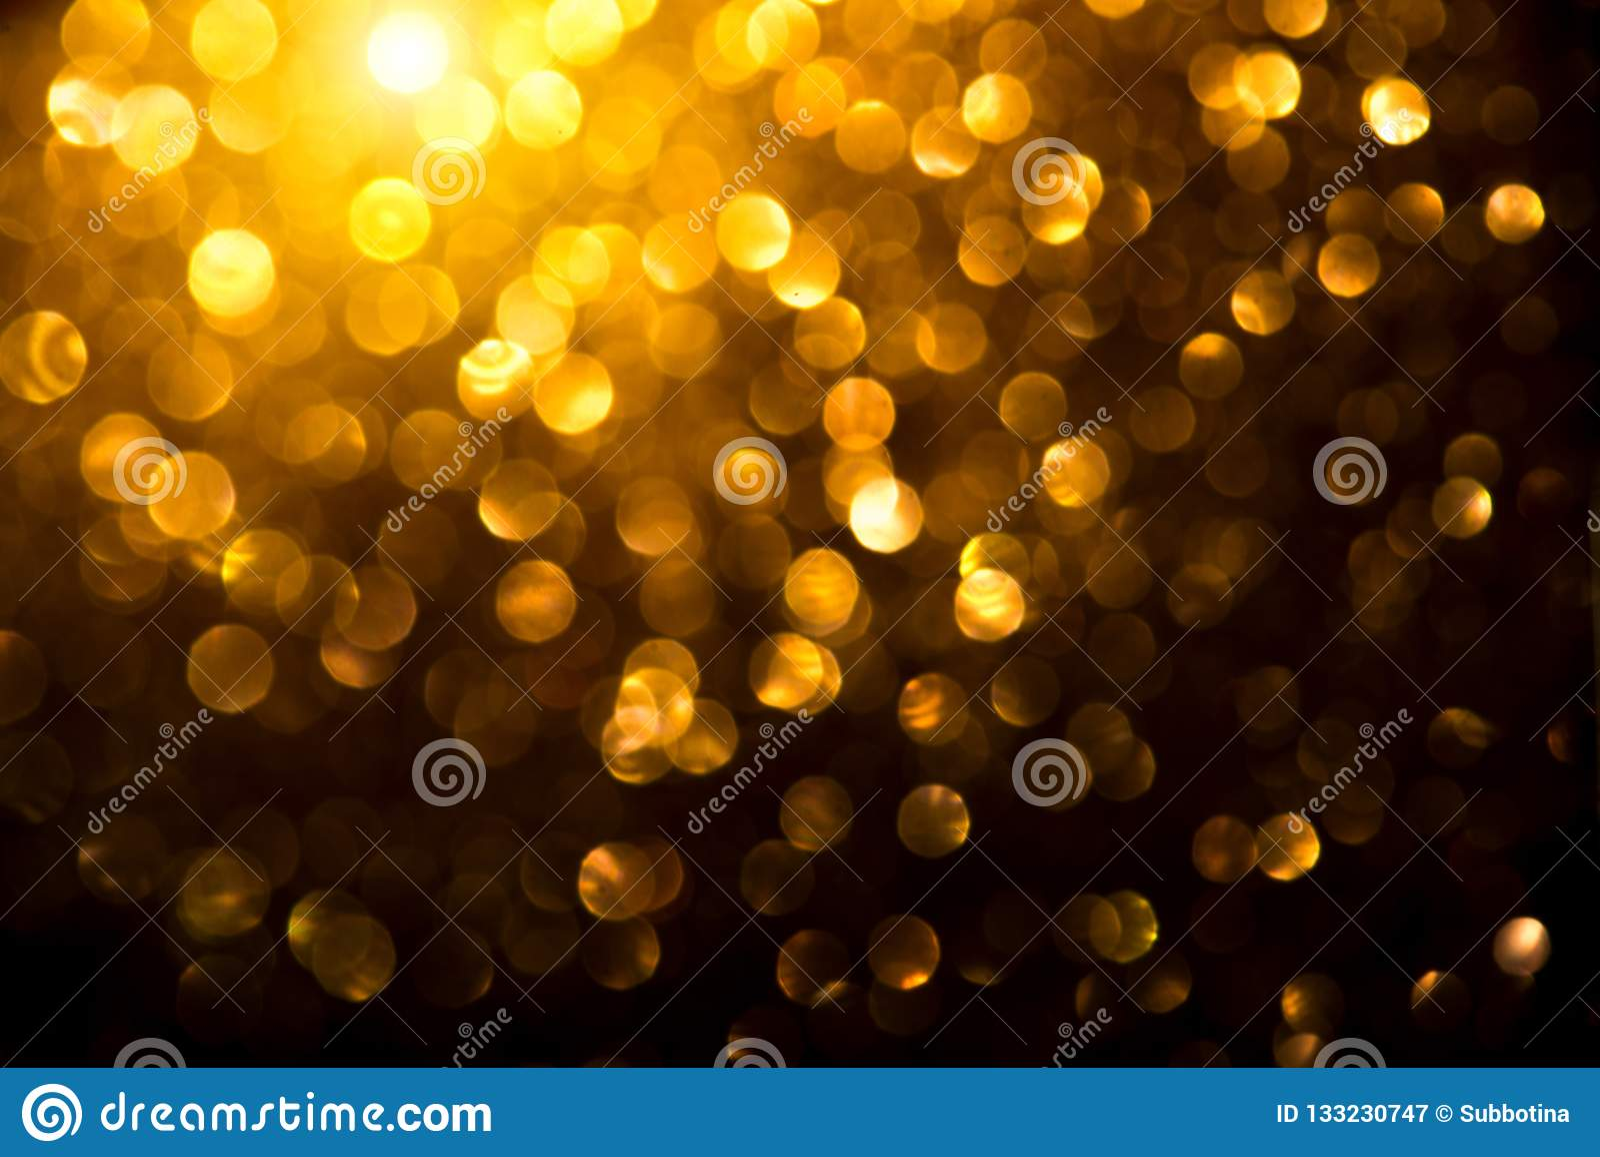 Χρυσό καμμένος υπόβαθρο Χριστουγέννων Η περίληψη διακοπών το σκηνικό Θολωμένος Tinsel χρυσός bokeh στο Μαύρο